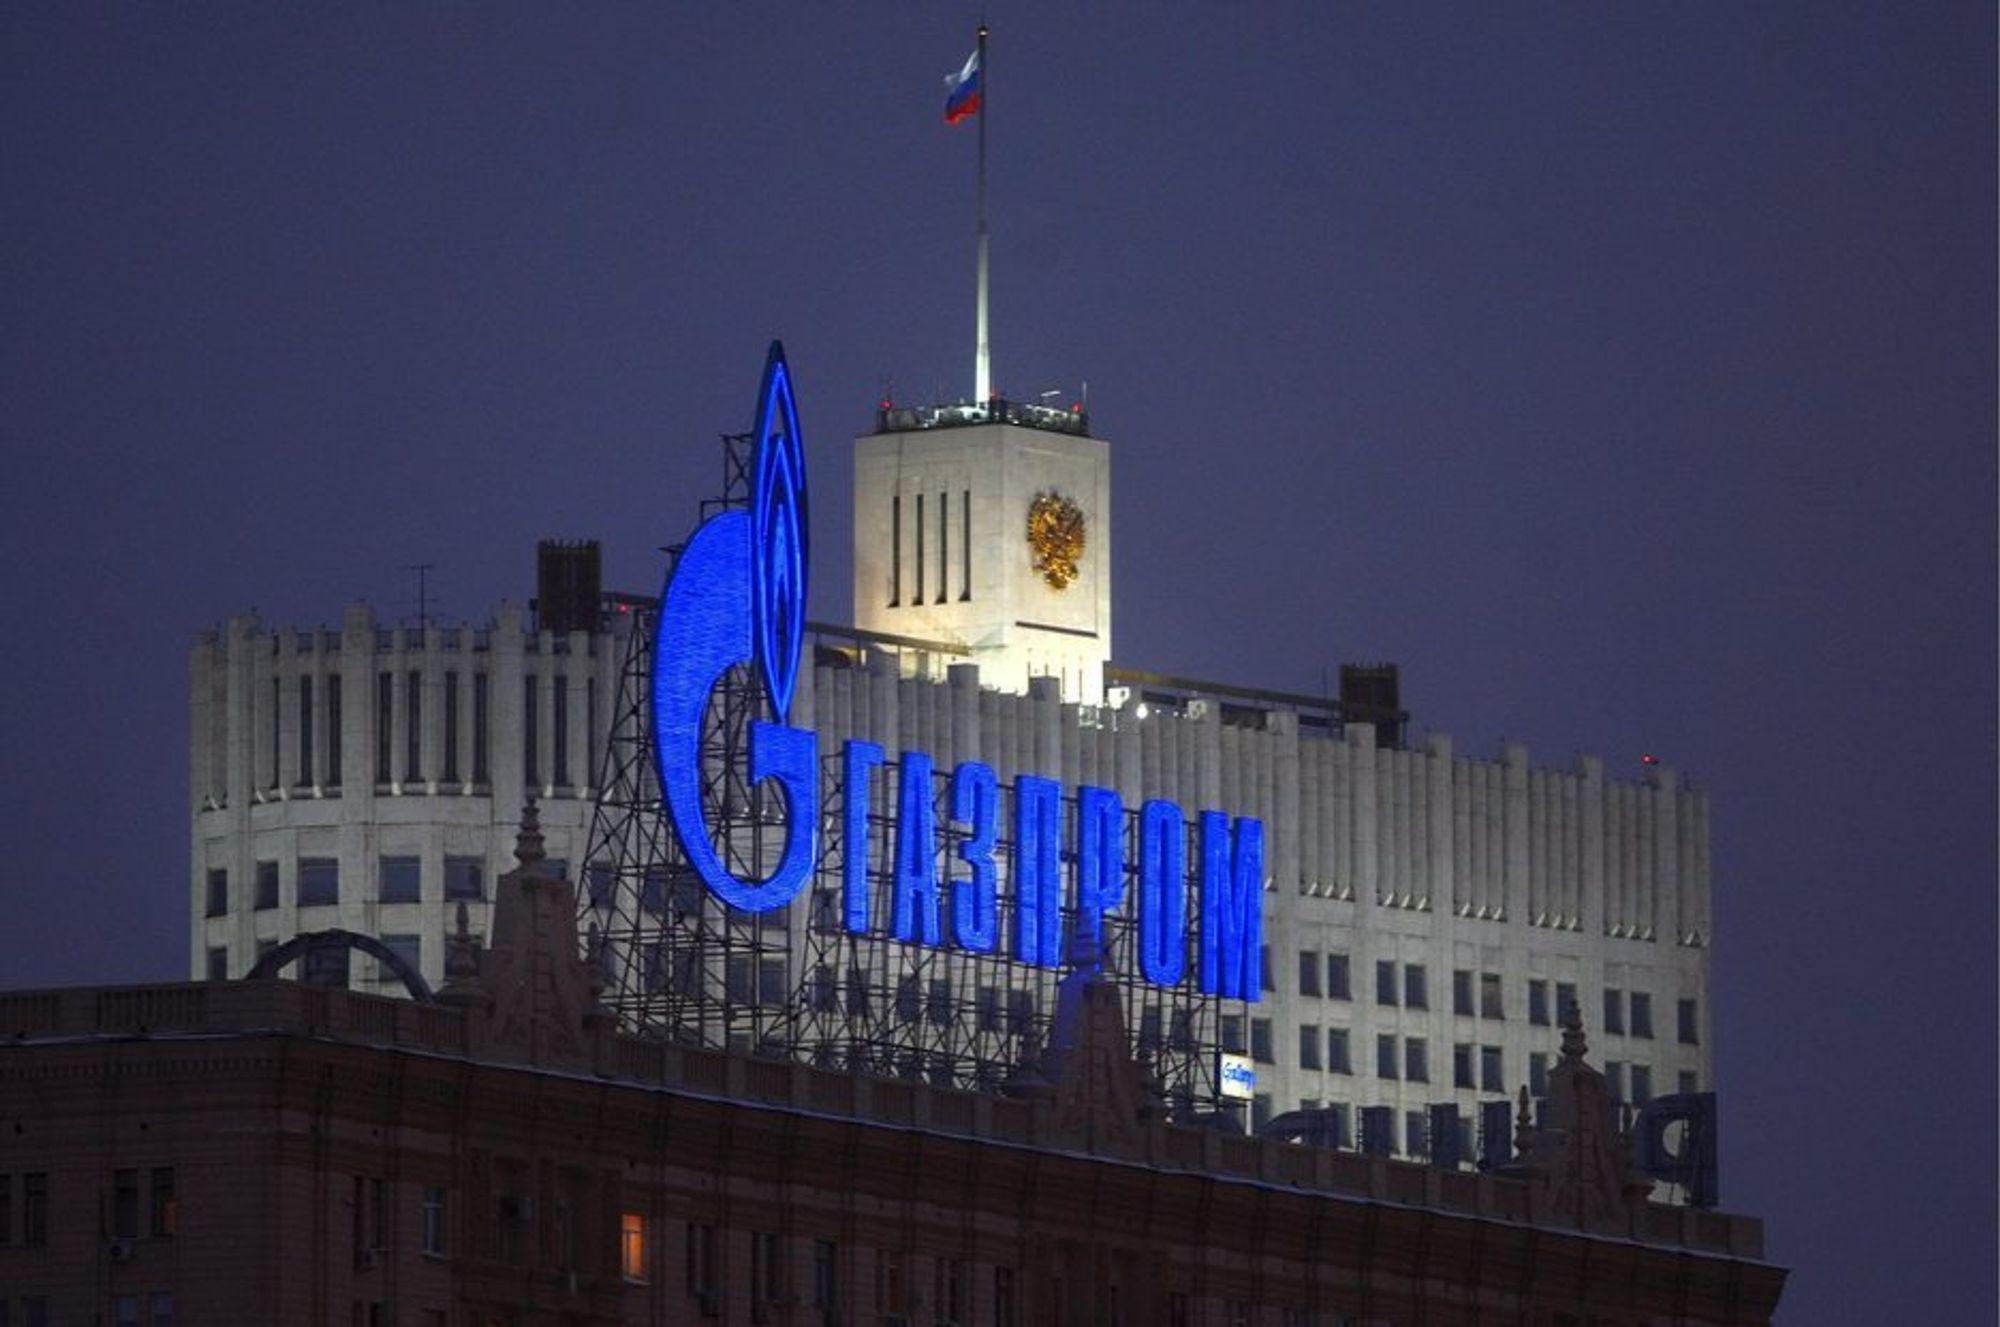 SIKRET SEG NORDSJØANDELER: Gazprom har byttet til seg andeler i Nordsjøen. Eksperter mener avhengigheten av russisk gass øker.